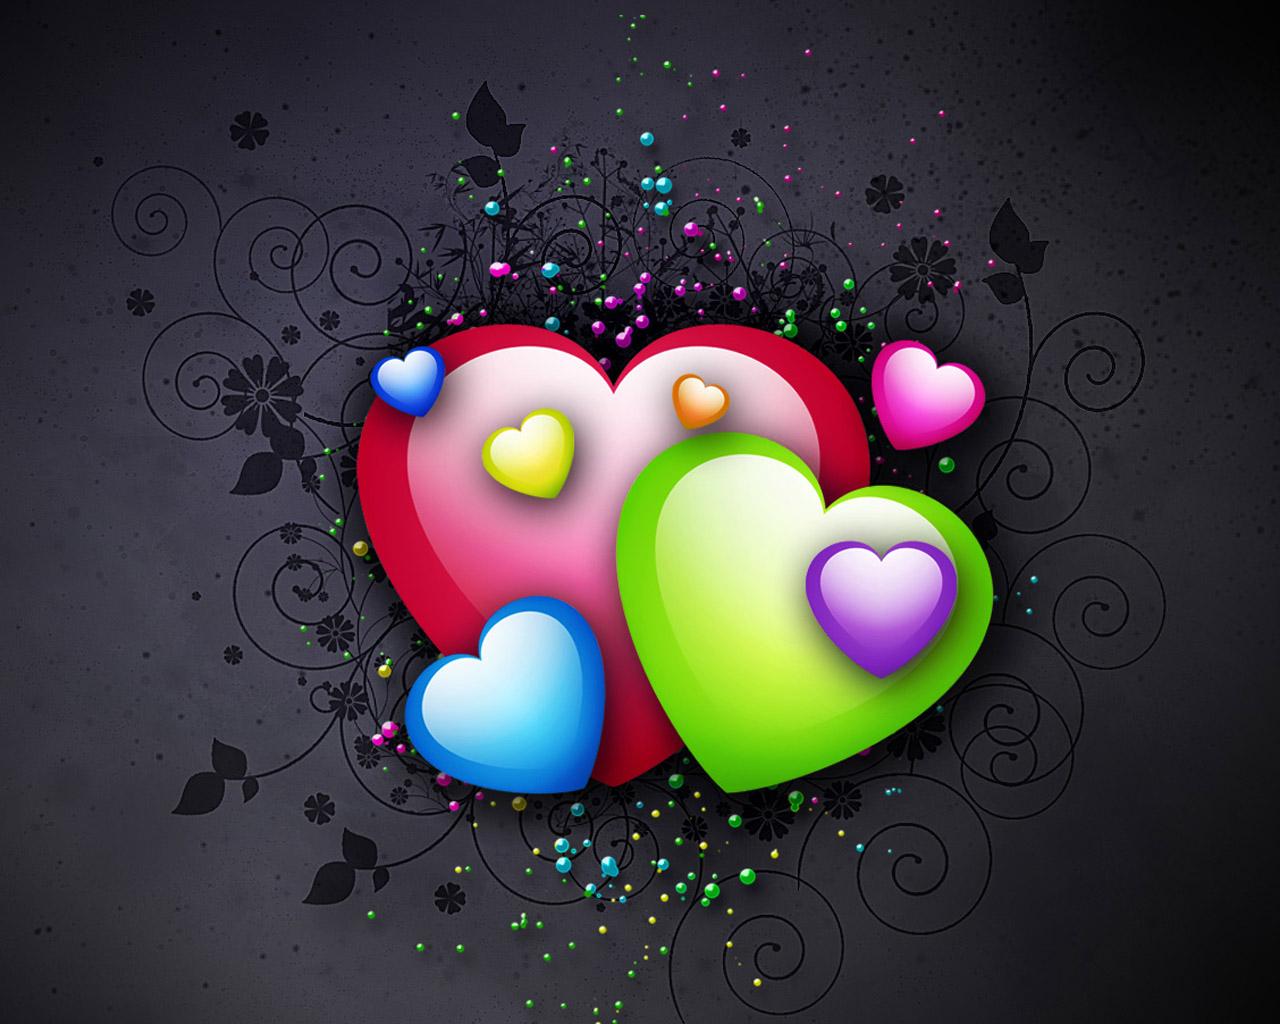 Картинки для мобильных о любви бесплатно широкоформатные